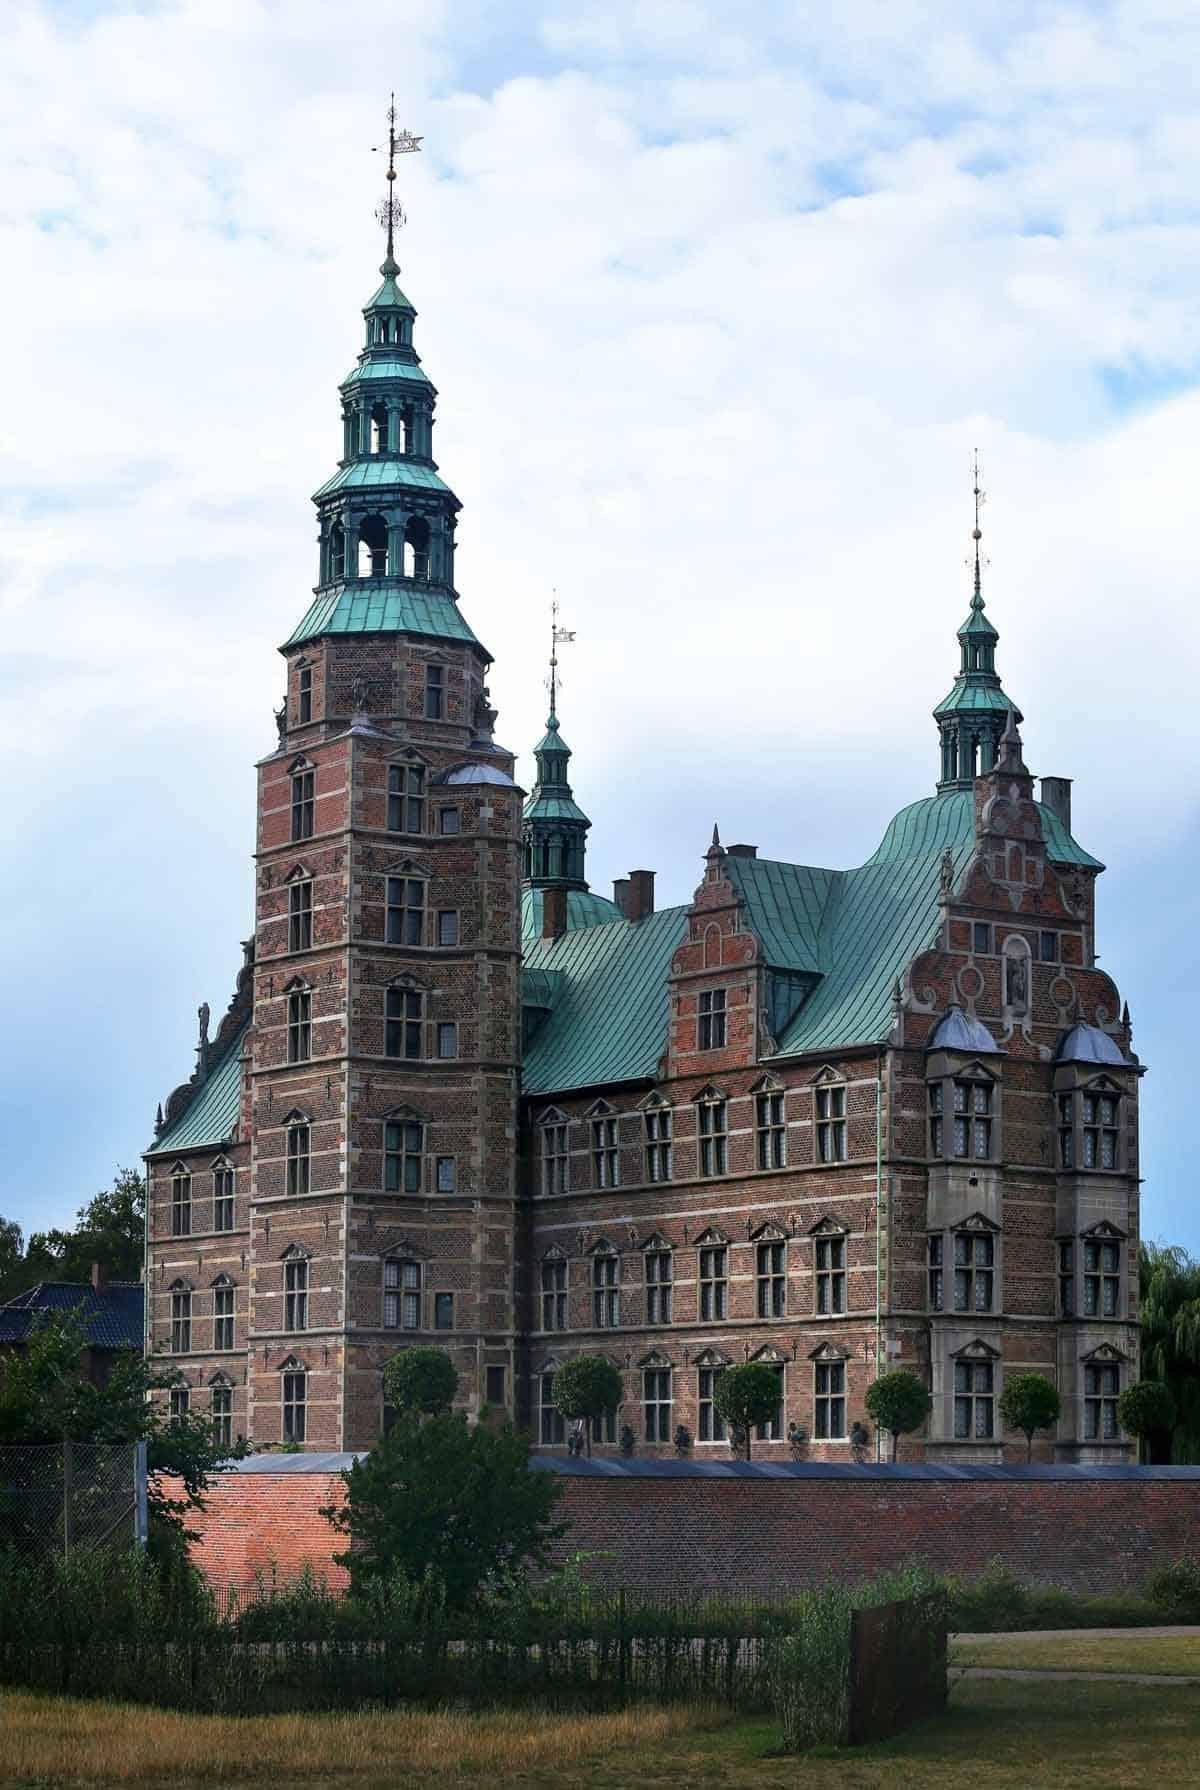 castles in denmark rosenborg castle